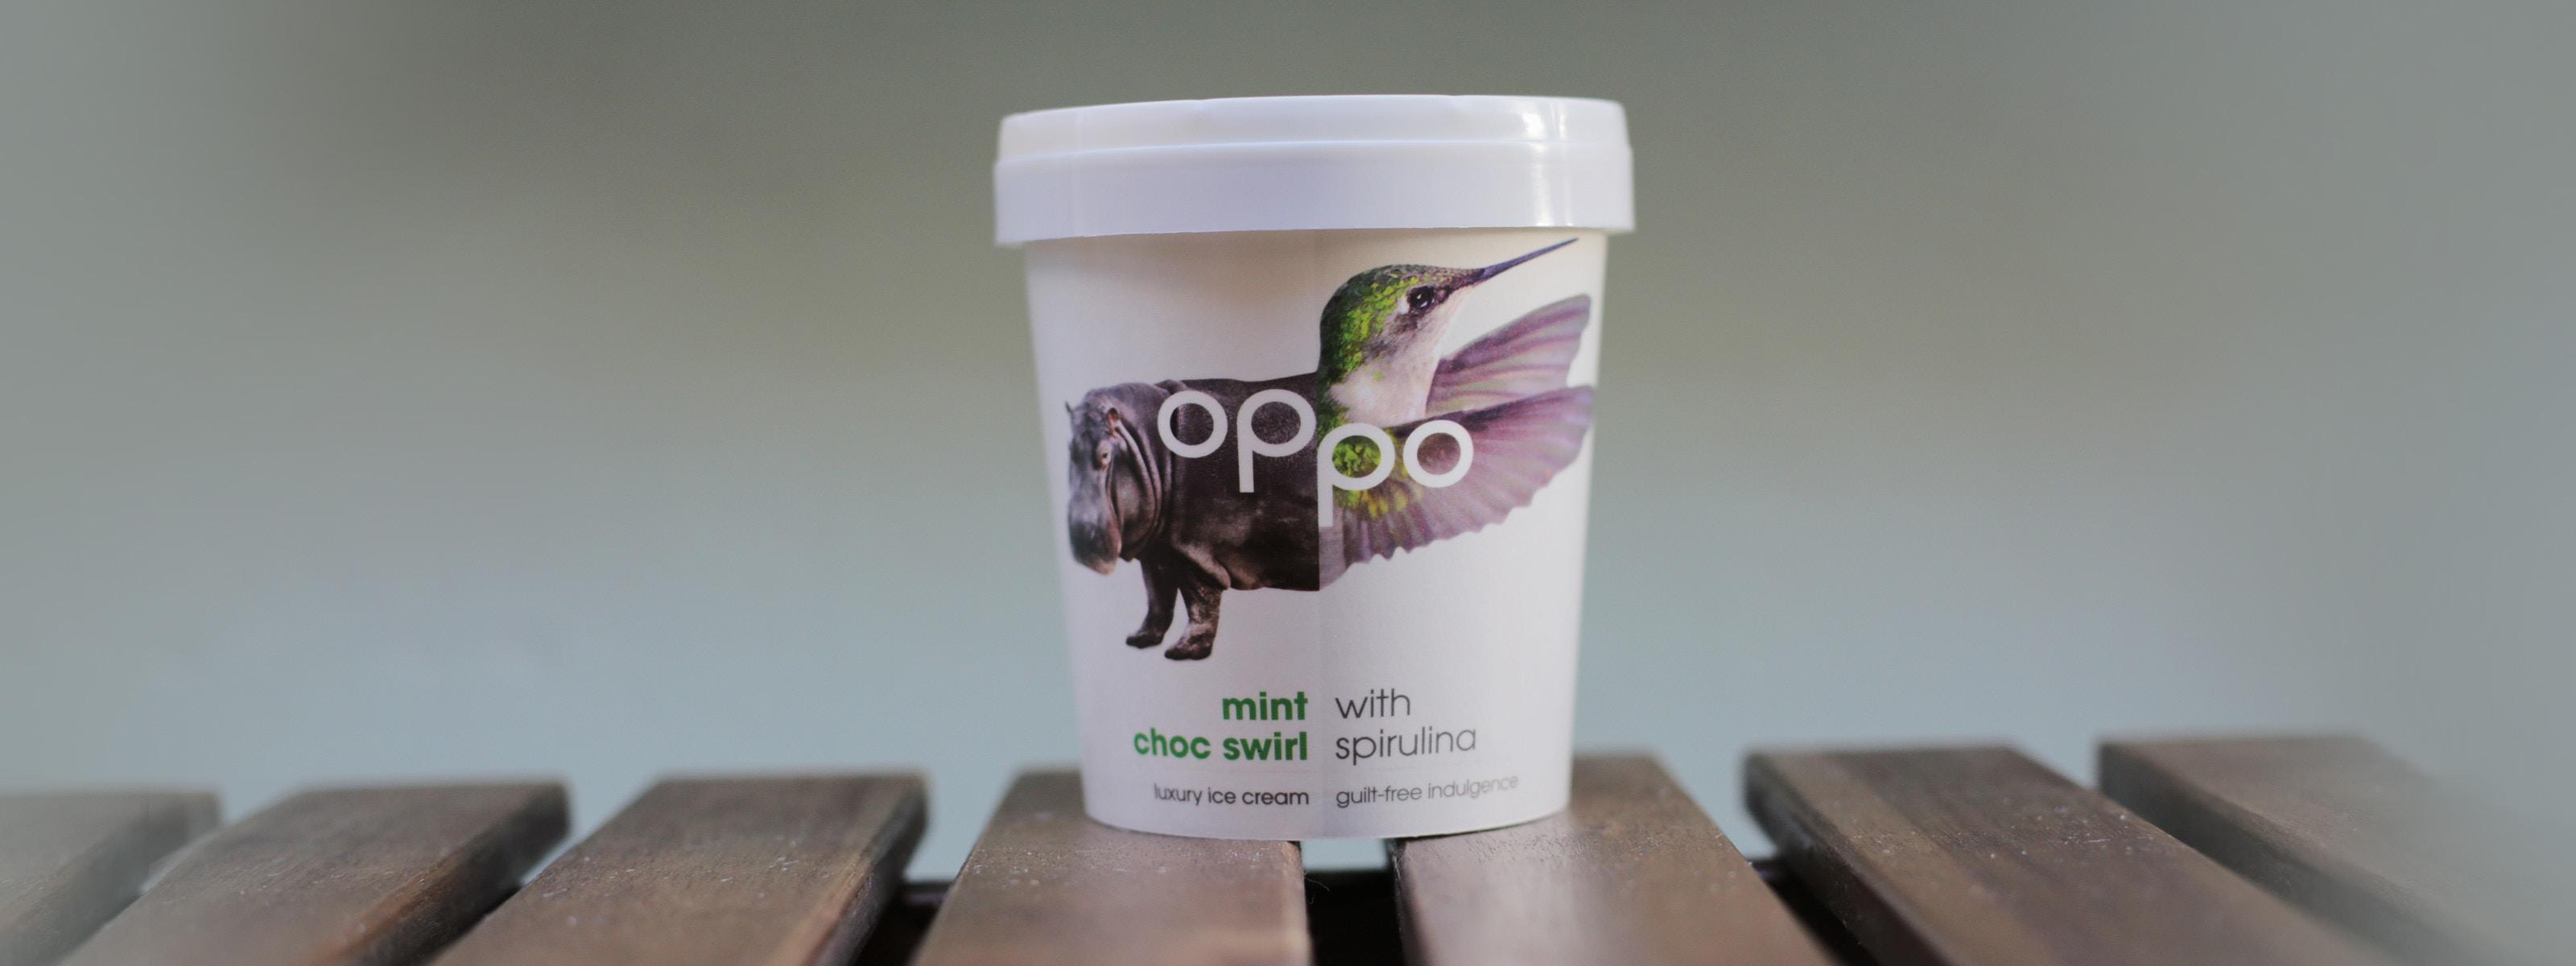 Oppo Ice Cream hero image